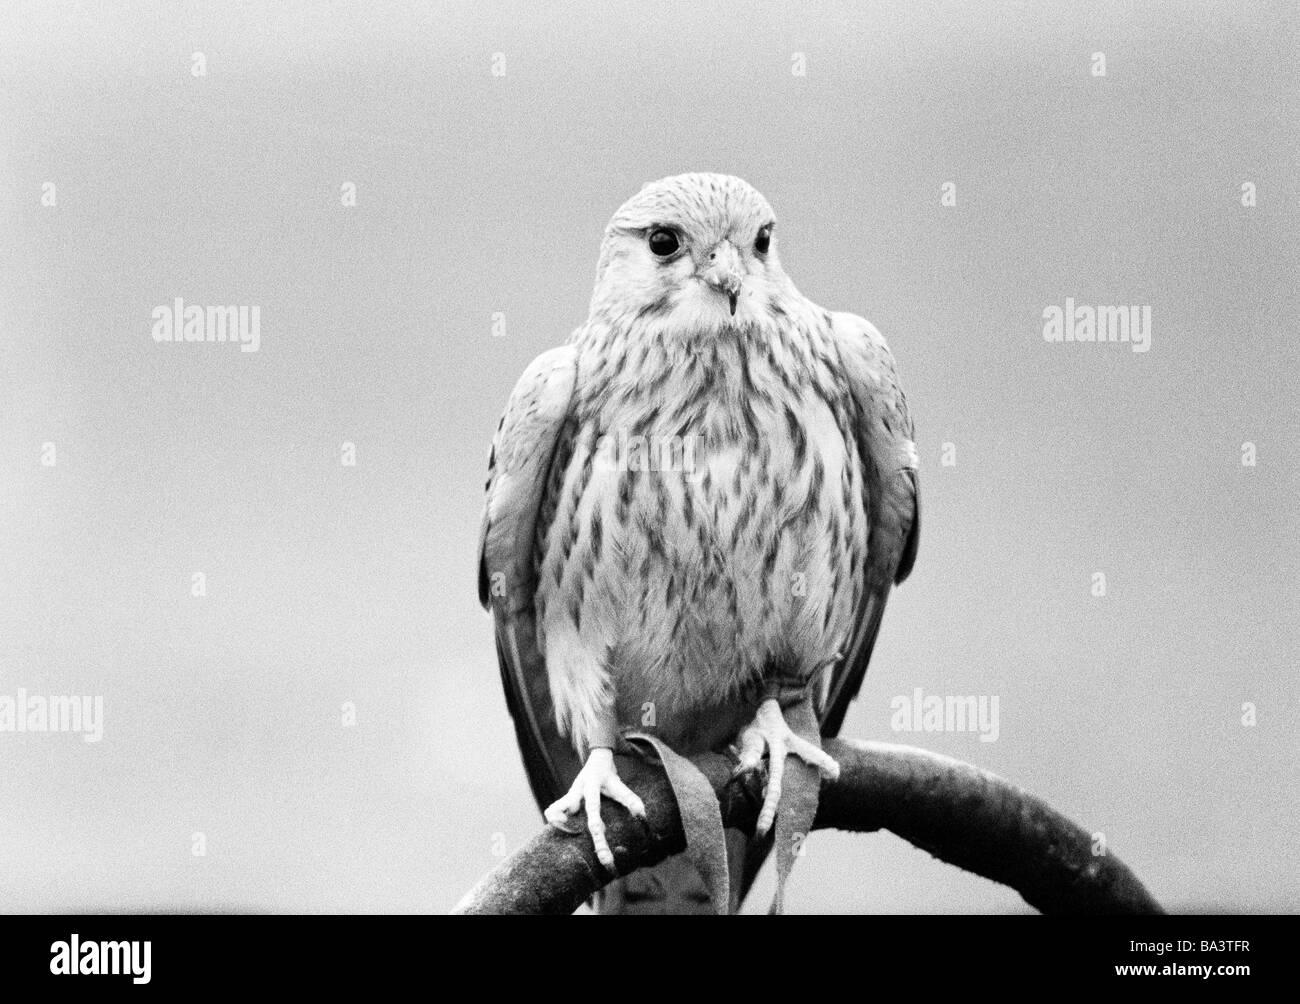 Natur, Tierwelt, Falke, Falco - Stock Image